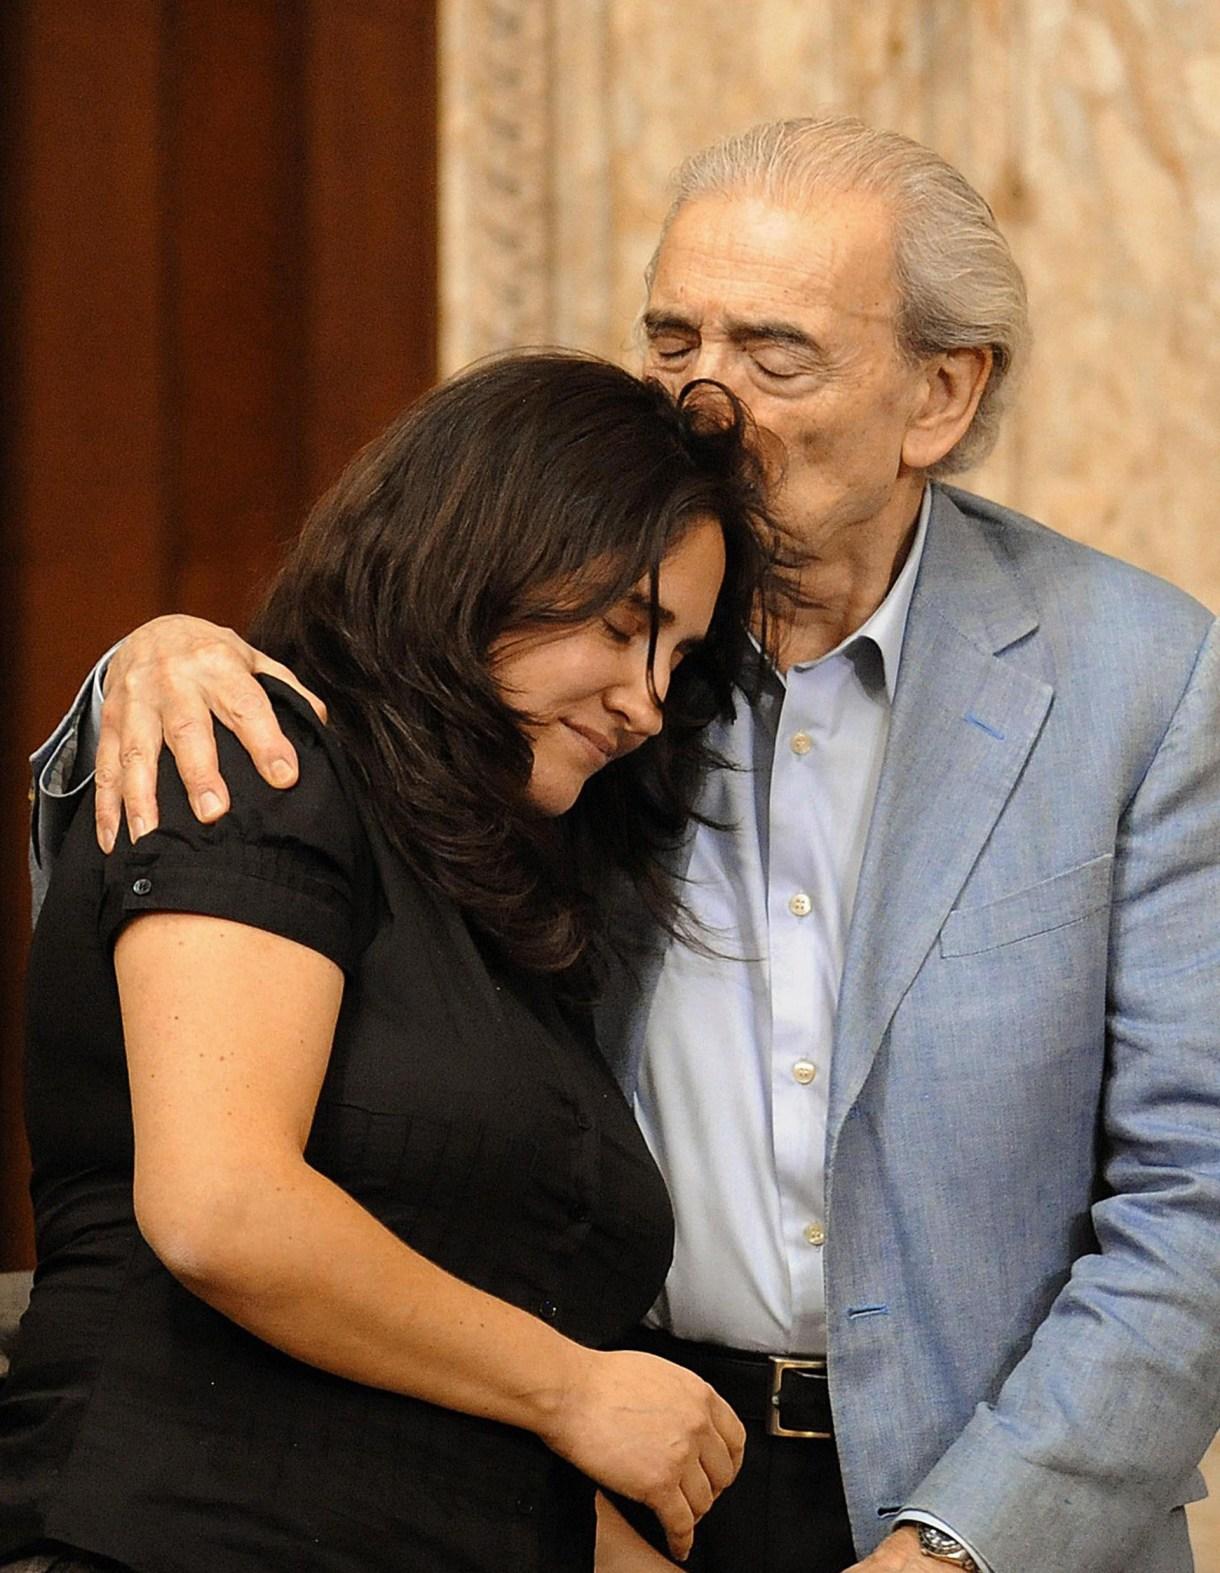 Juan Gelman besa a su nieta, Macarena Gelman, luego de que el ex presidente uruguayo José Mujica aceptara la responsabilidad del estado uruguayo con respecto al crimen político contra Maria Claudia García de Gelman, durante la última dictadura (AFP /Miguel Rojo)